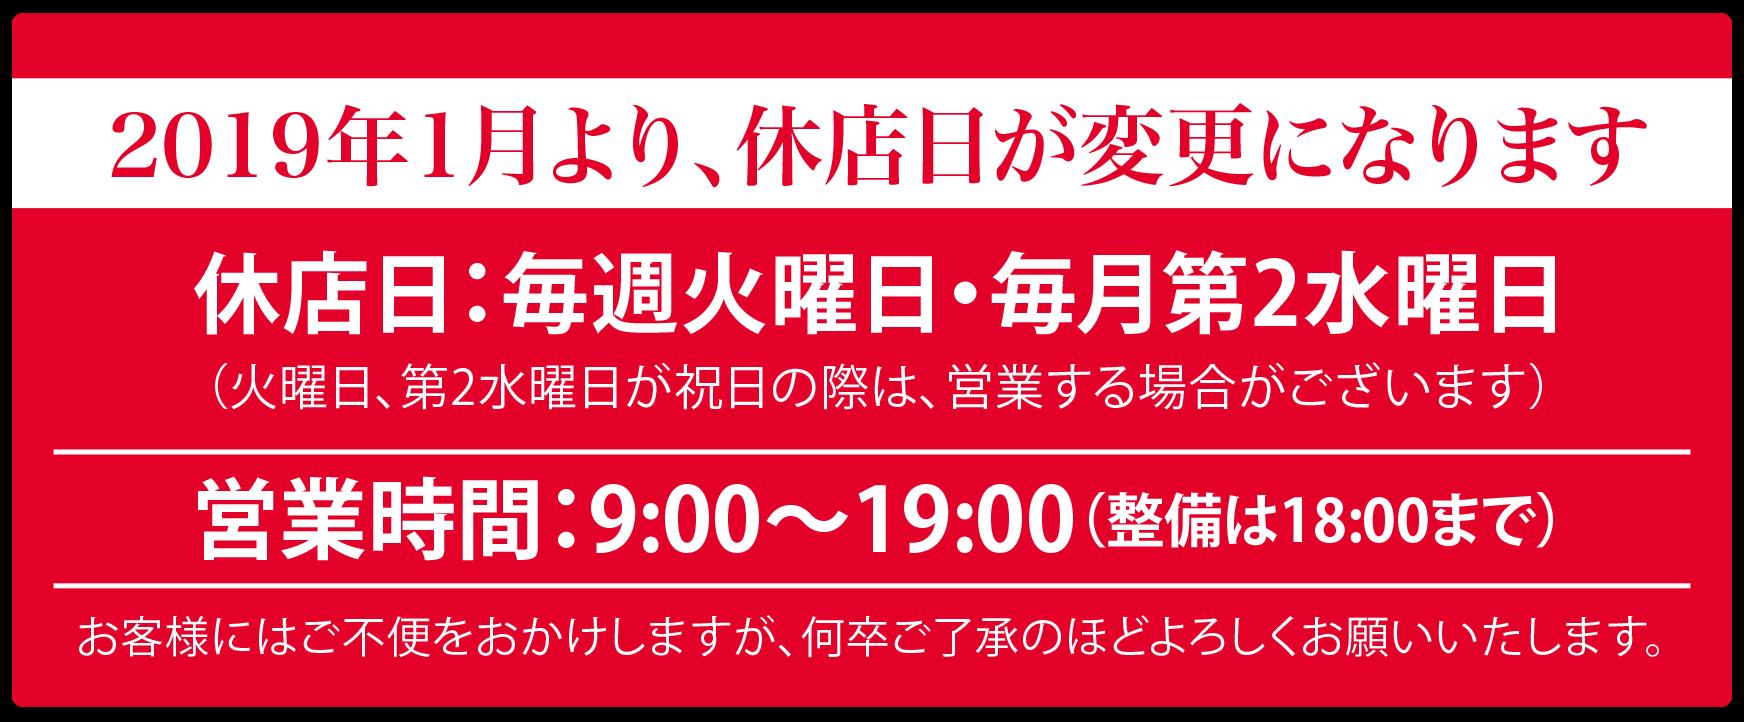 1810HC柏_販社HP_休店日変更